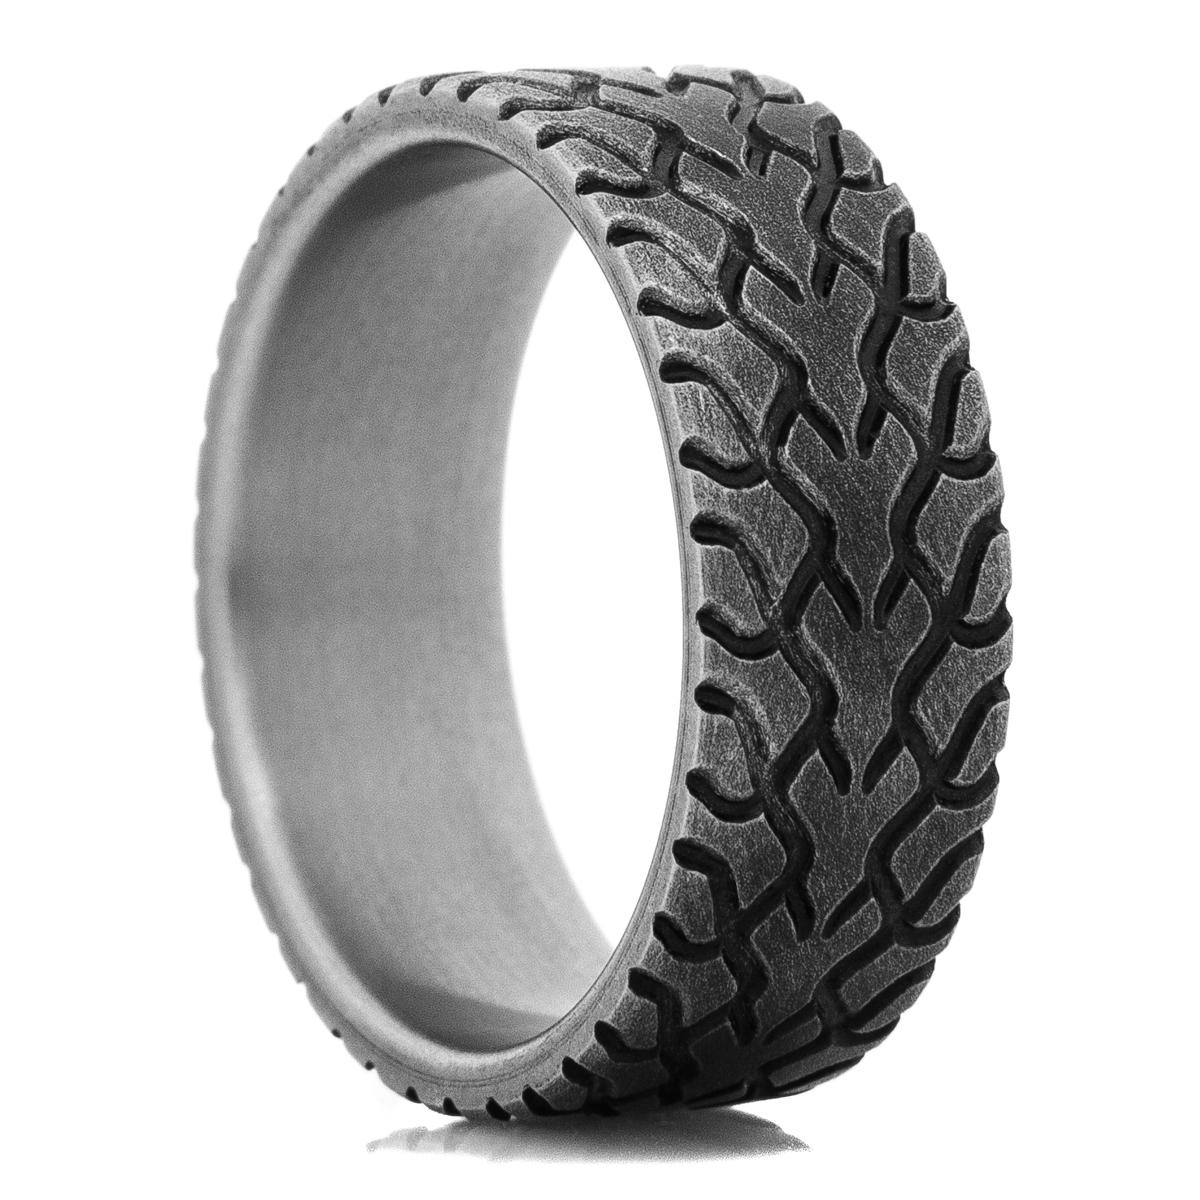 Men's Titanium Drag Radial Tire Tread